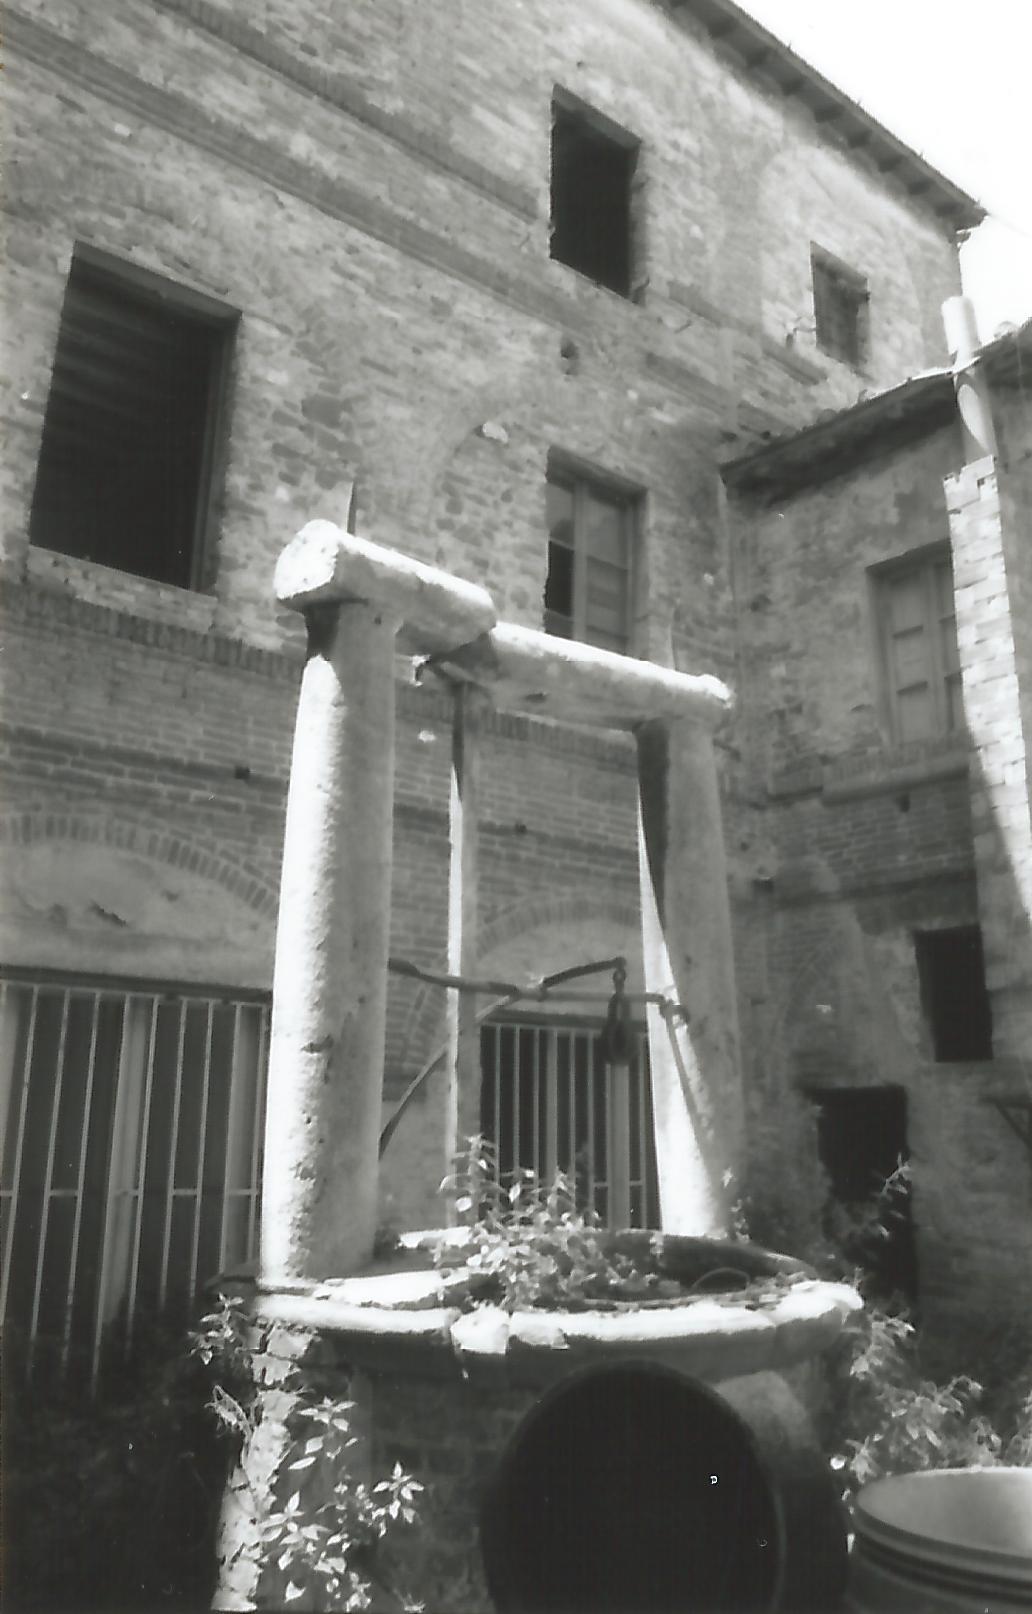 Pozzo del Monastero delle Clarisse (pozzo) - tardo rinascimento